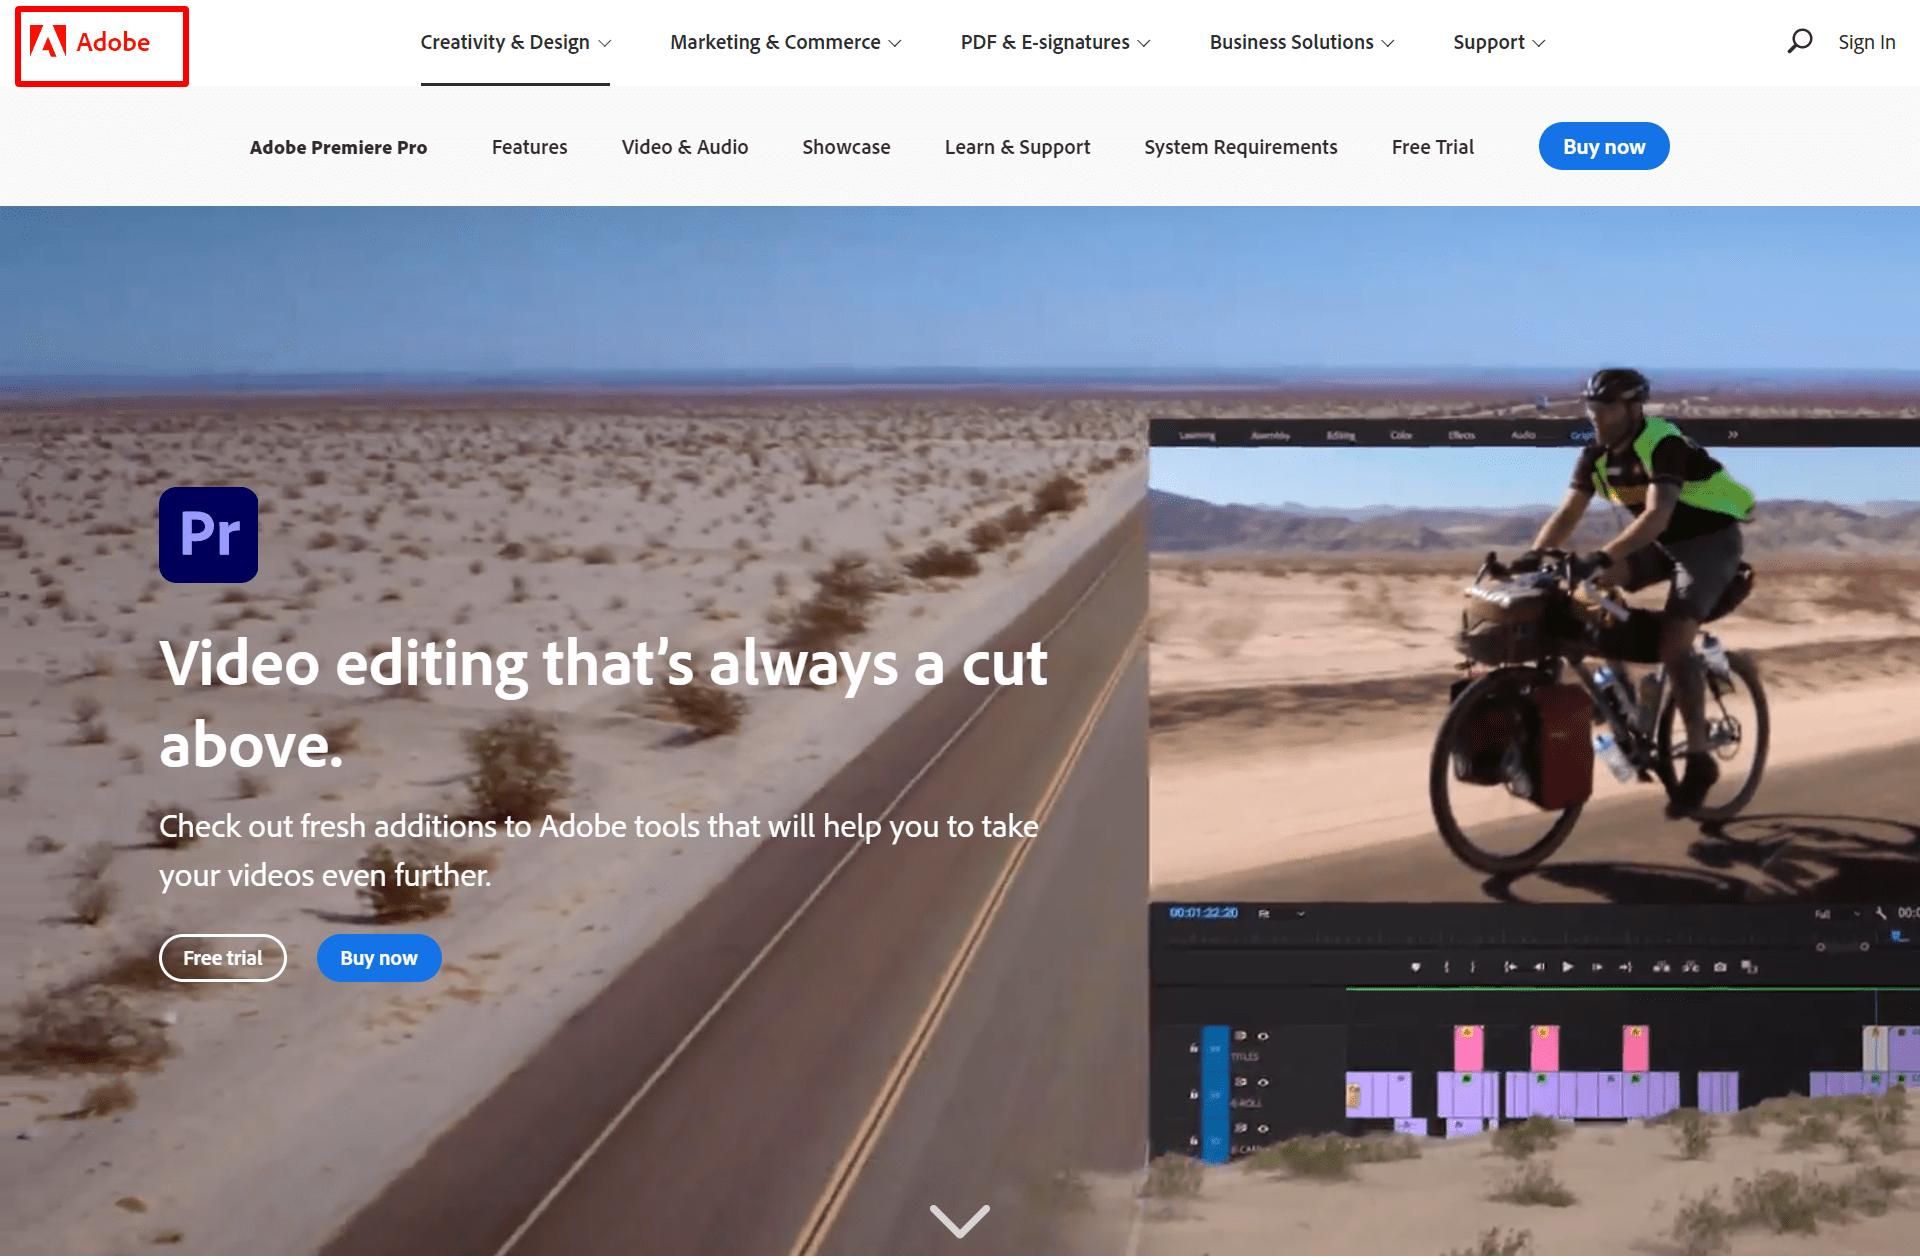 Adobe-Premiere-Pro-Professional-video-editor